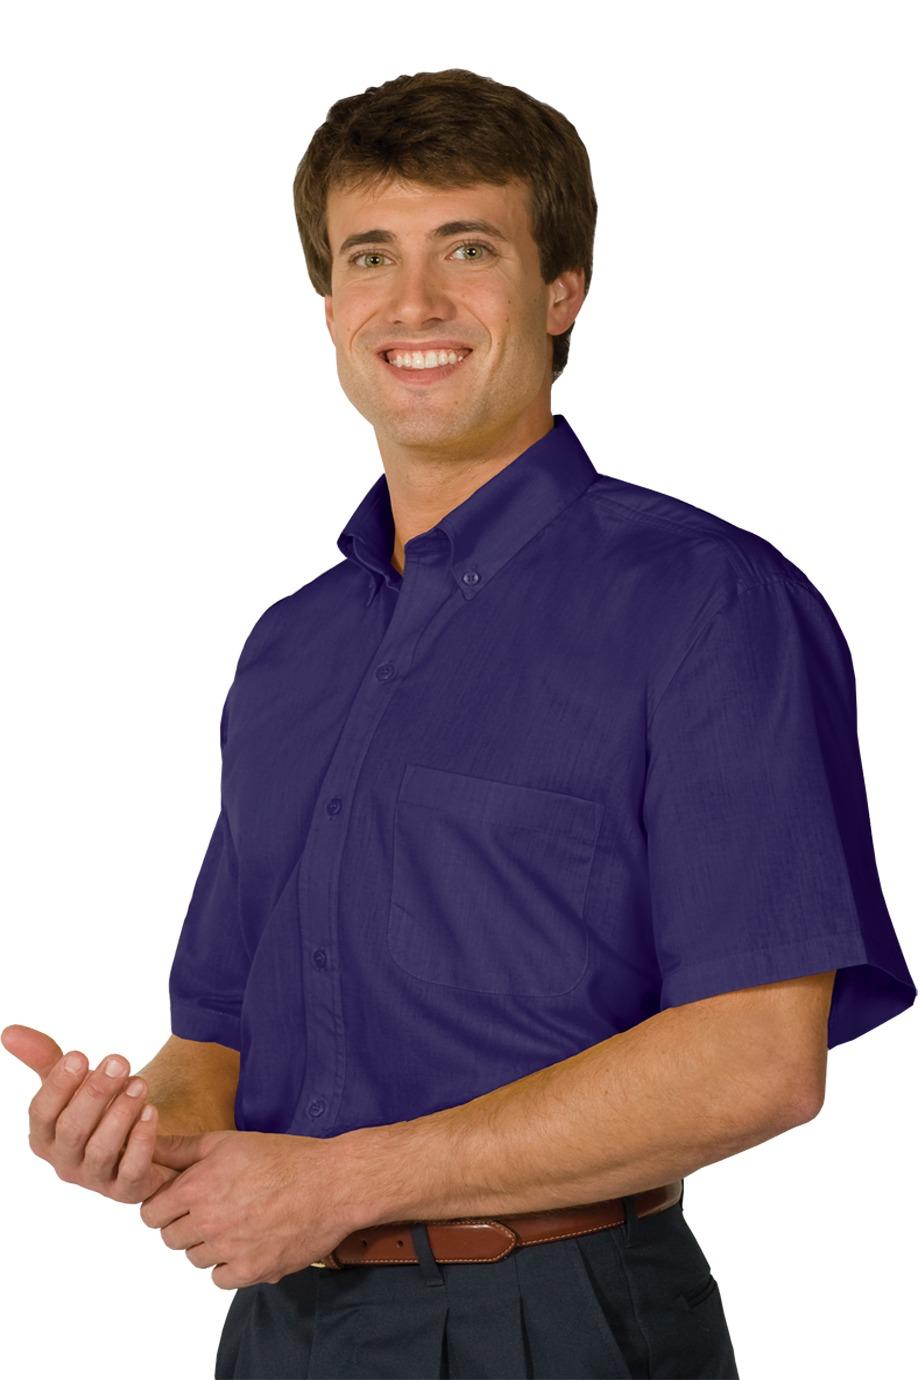 Edwards Garment 1245 - Men's Short Sleeve Soft Touch Polin Shirt